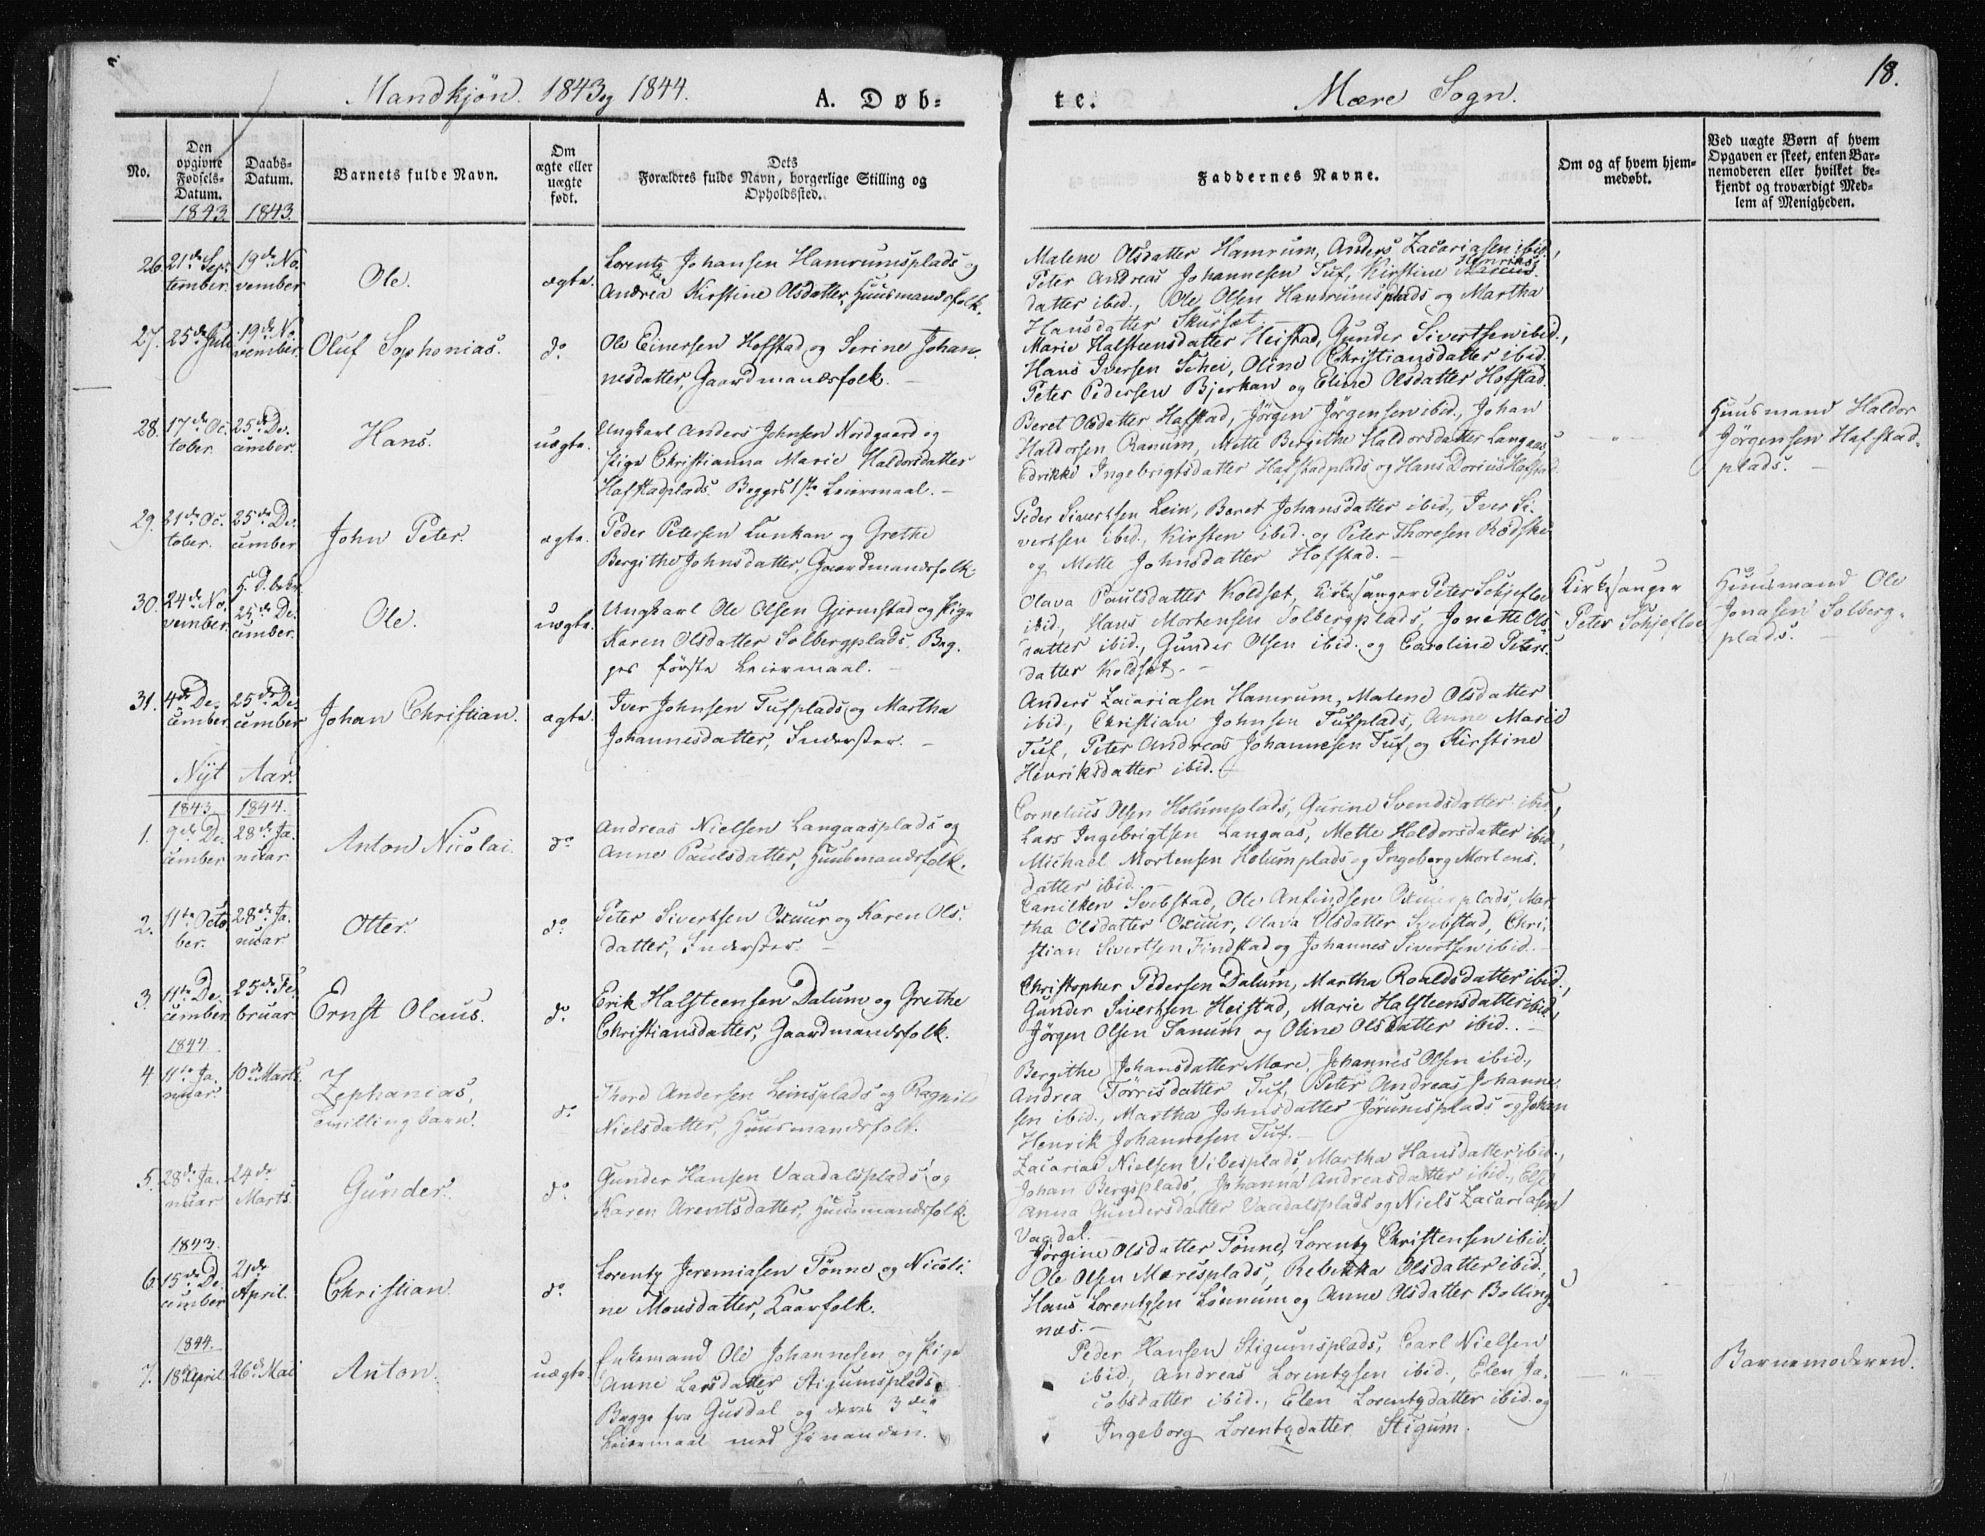 SAT, Ministerialprotokoller, klokkerbøker og fødselsregistre - Nord-Trøndelag, 735/L0339: Ministerialbok nr. 735A06 /1, 1836-1848, s. 18